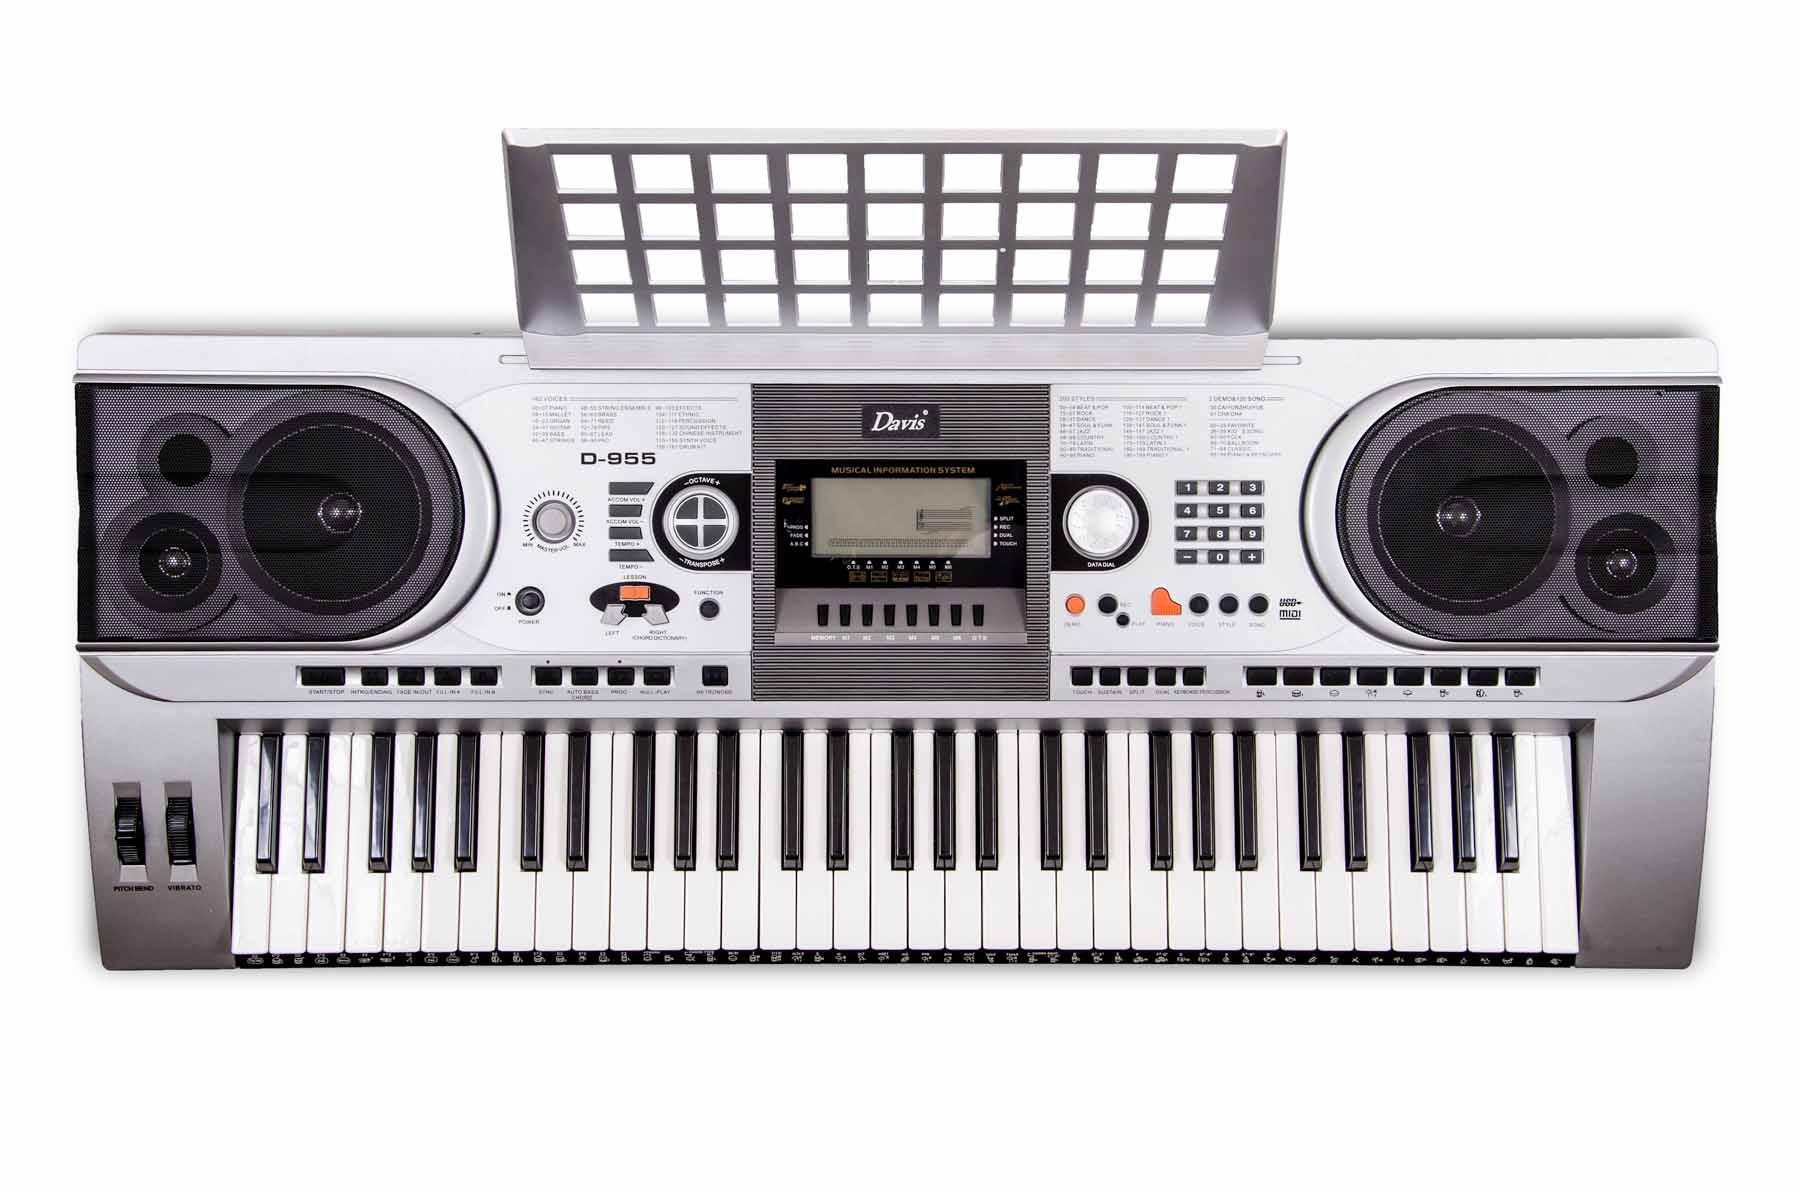 Davis Musical Instruments-D-955_1